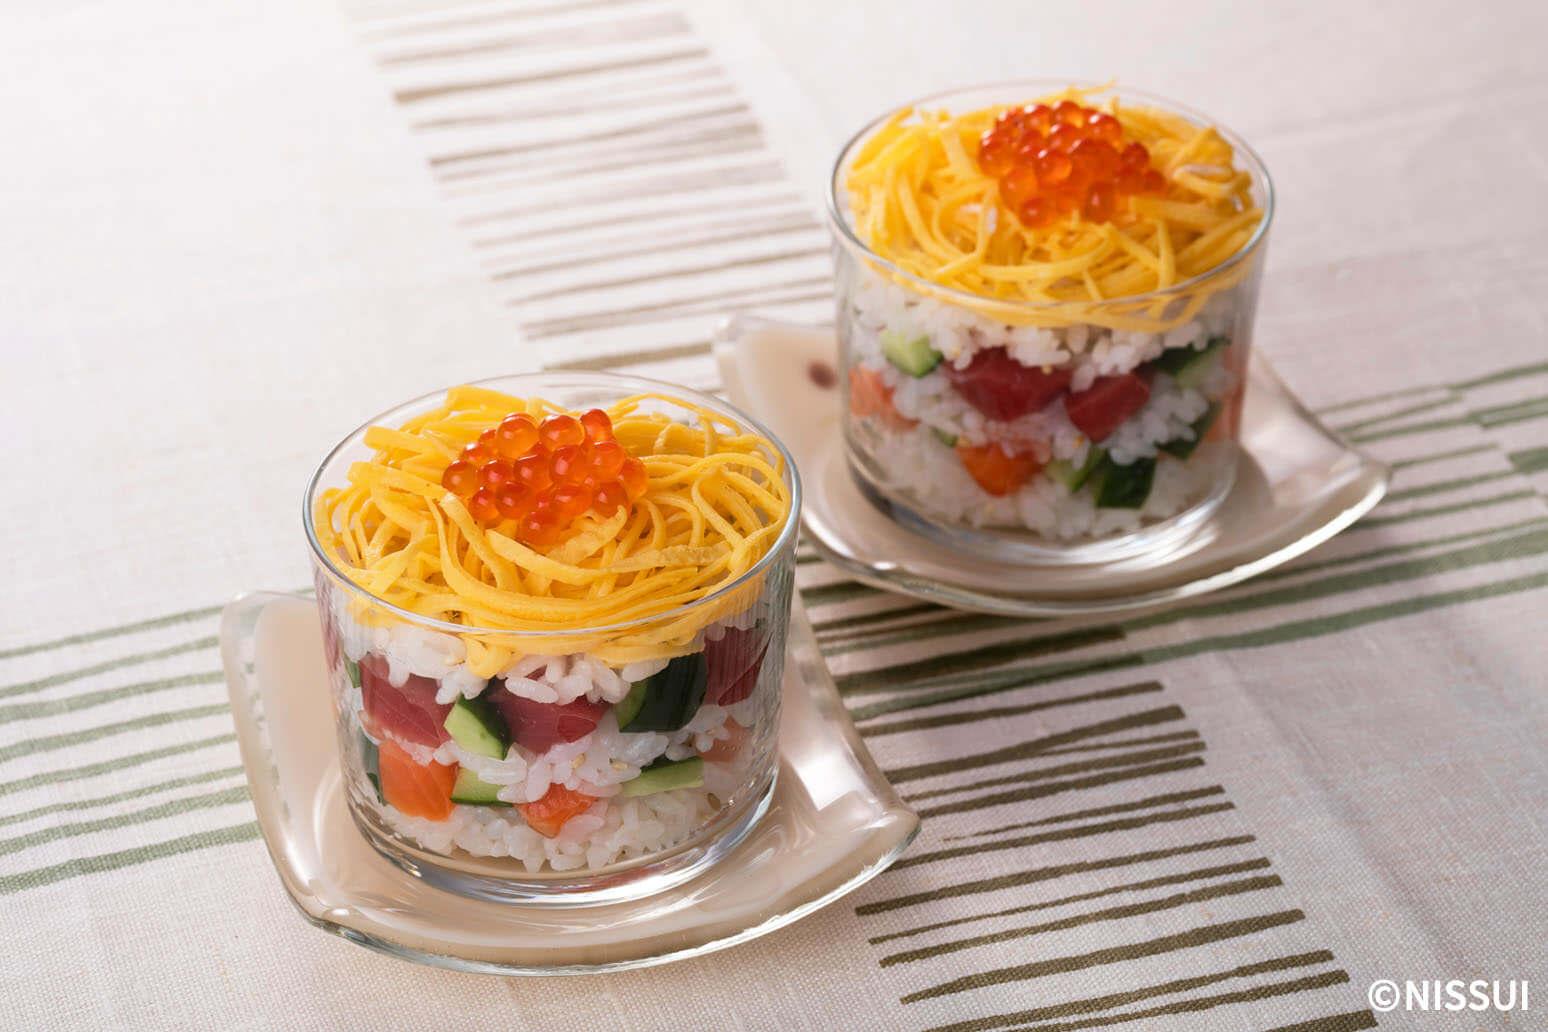 カップ寿司 | レシピ | ニッスイ